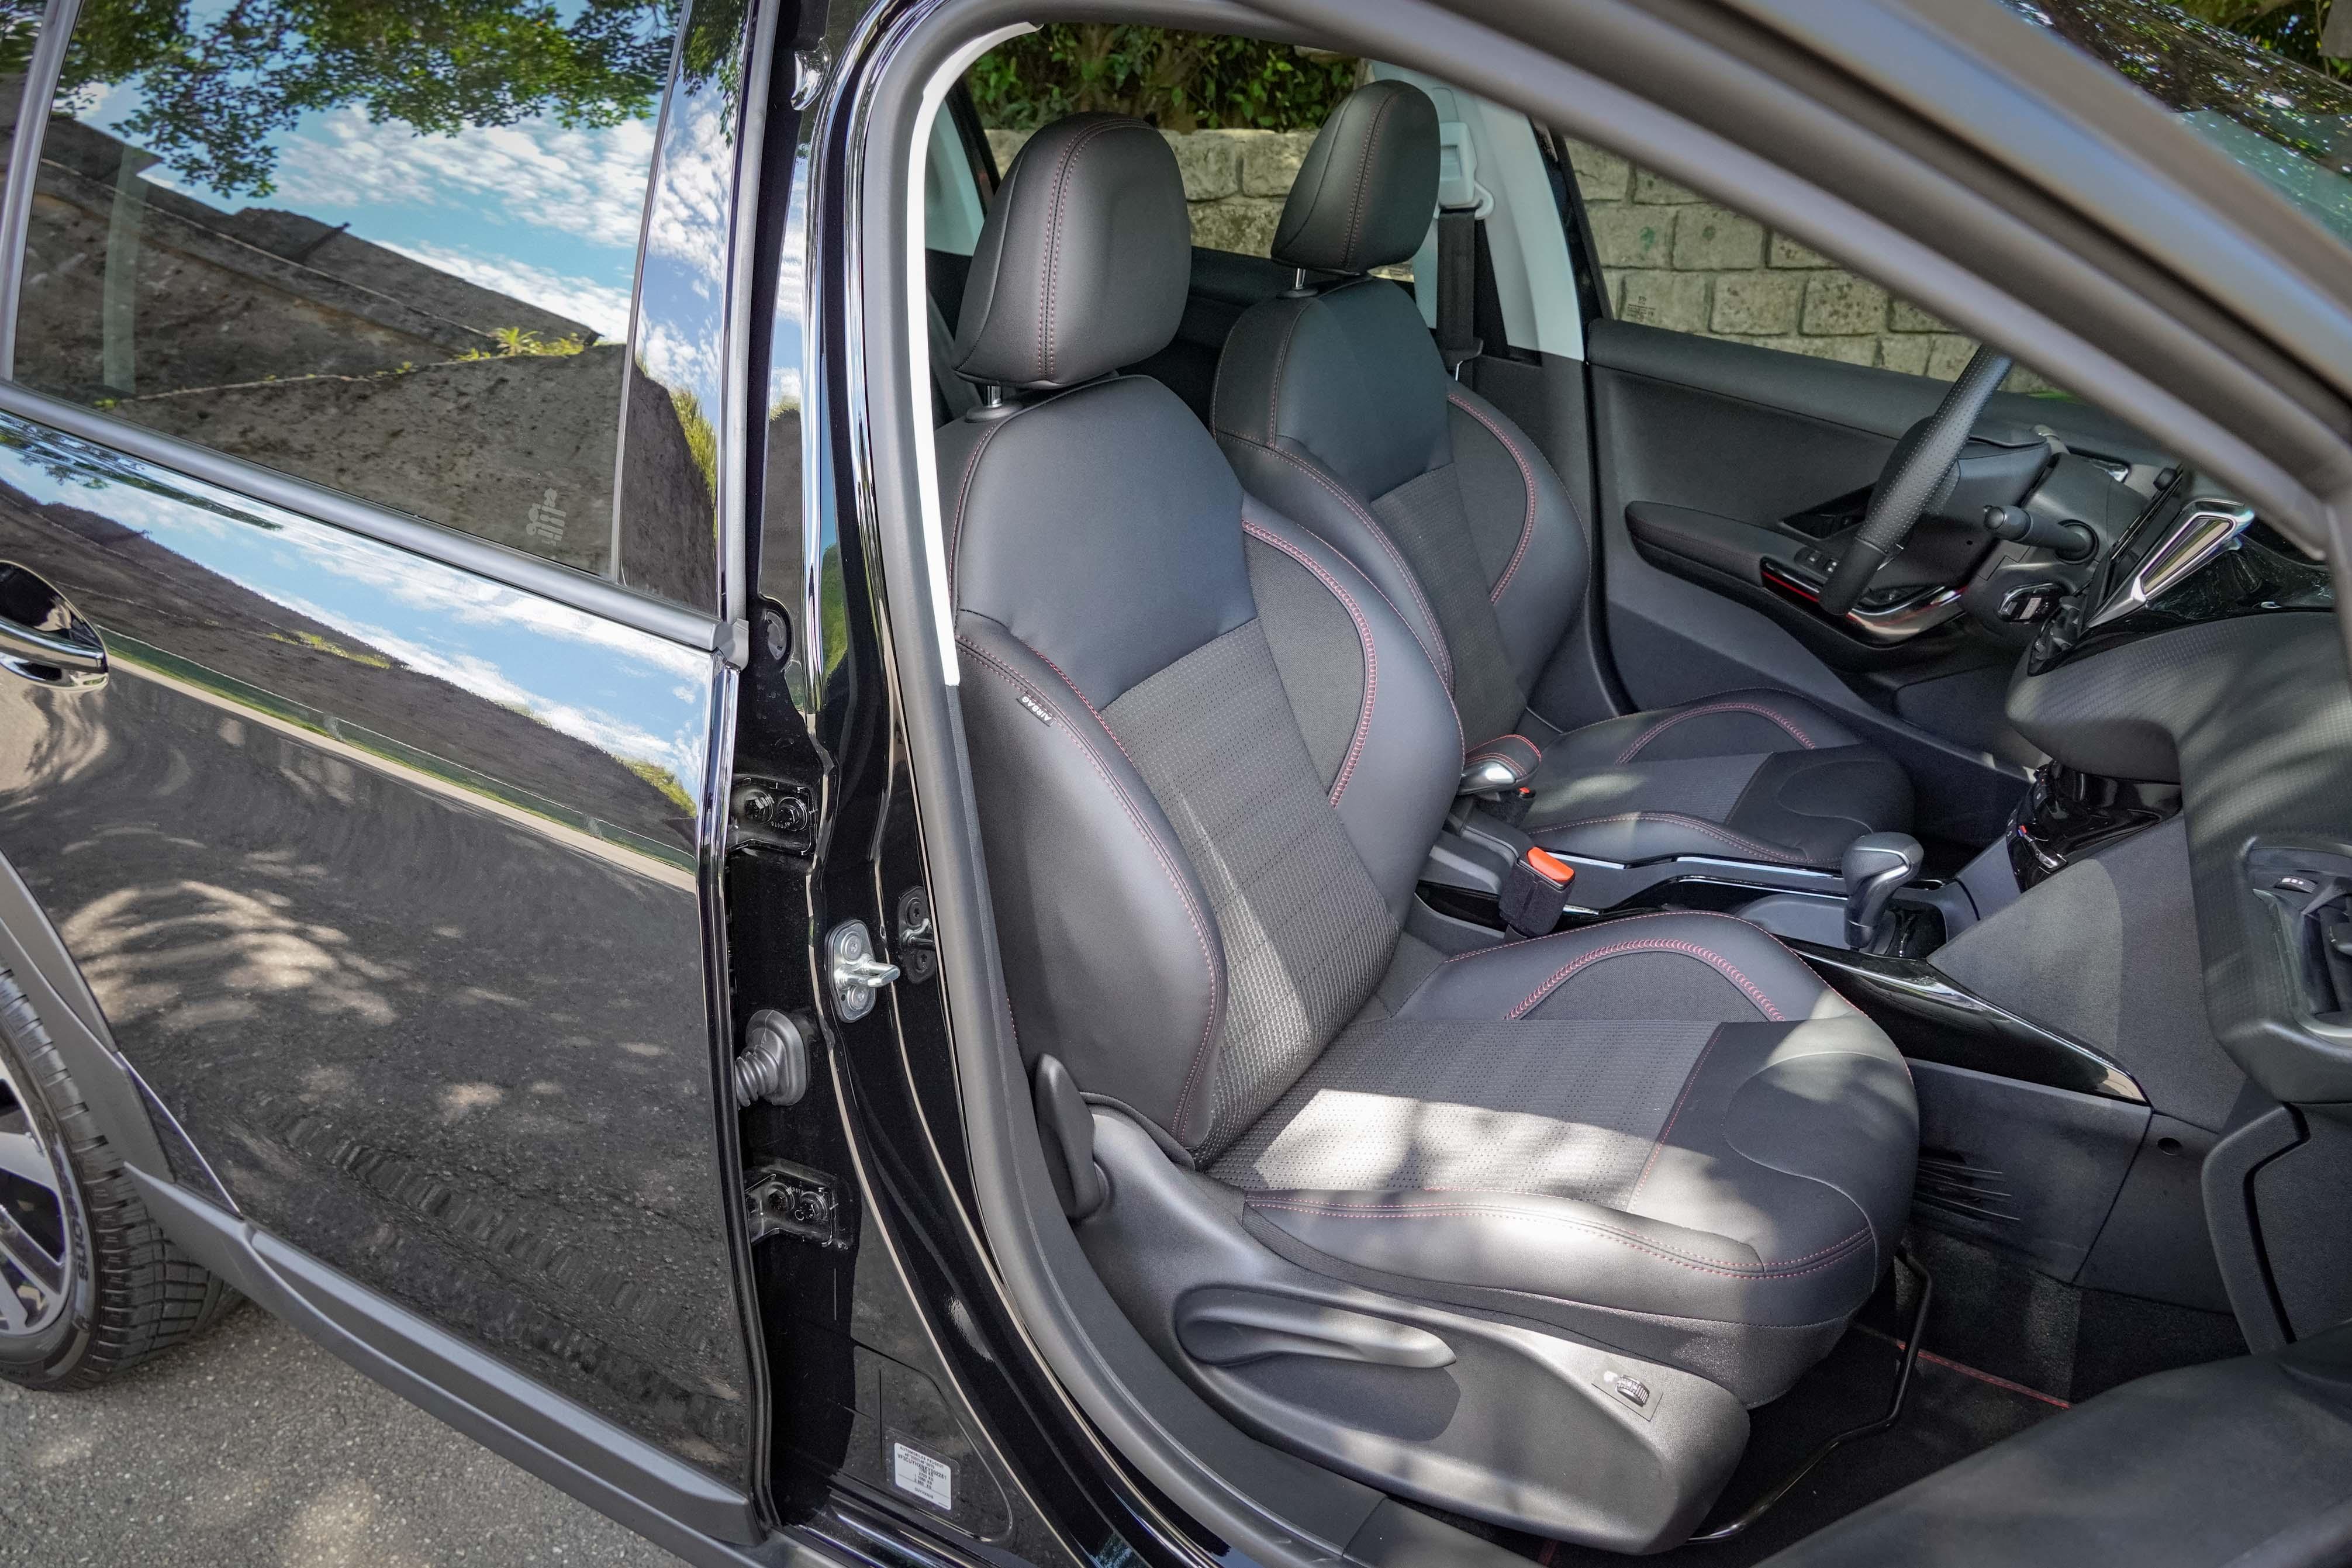 GT Line 車型標配半皮布跑車座椅,提供電熱座椅功能。